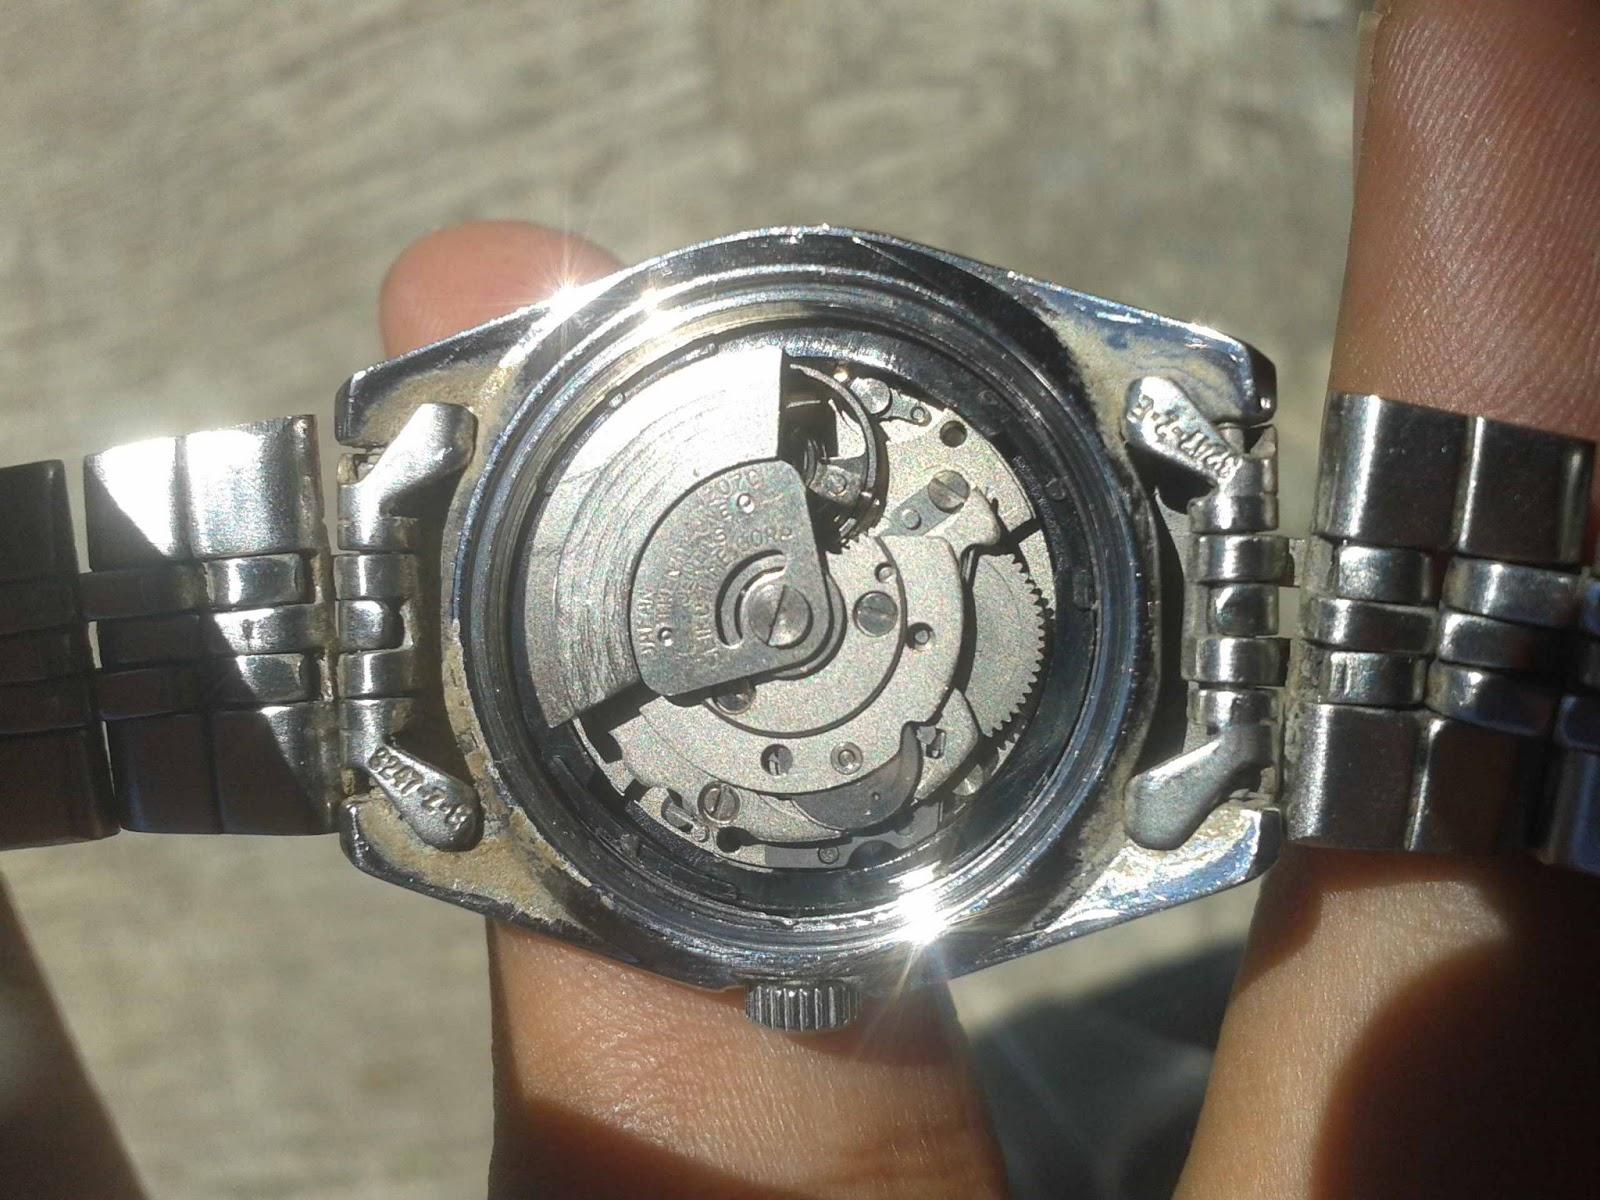 Смарт вотч часы отзывы. В прямоугольном корпусе из сплава металлов. 01b6c97874ce0